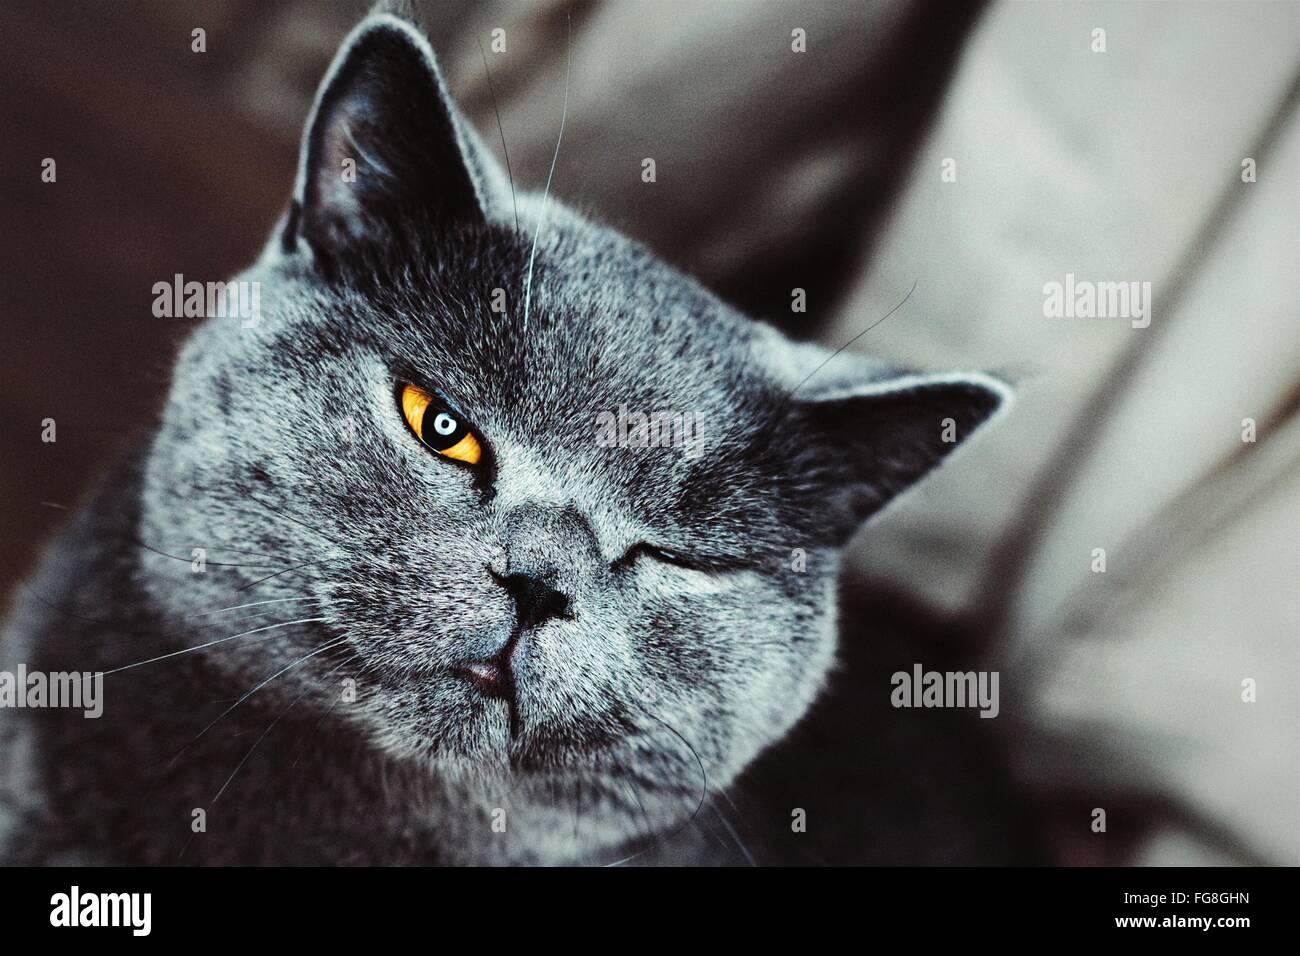 Porträt-Nahaufnahme von Chartreux Katze Zwinkern Stockbild